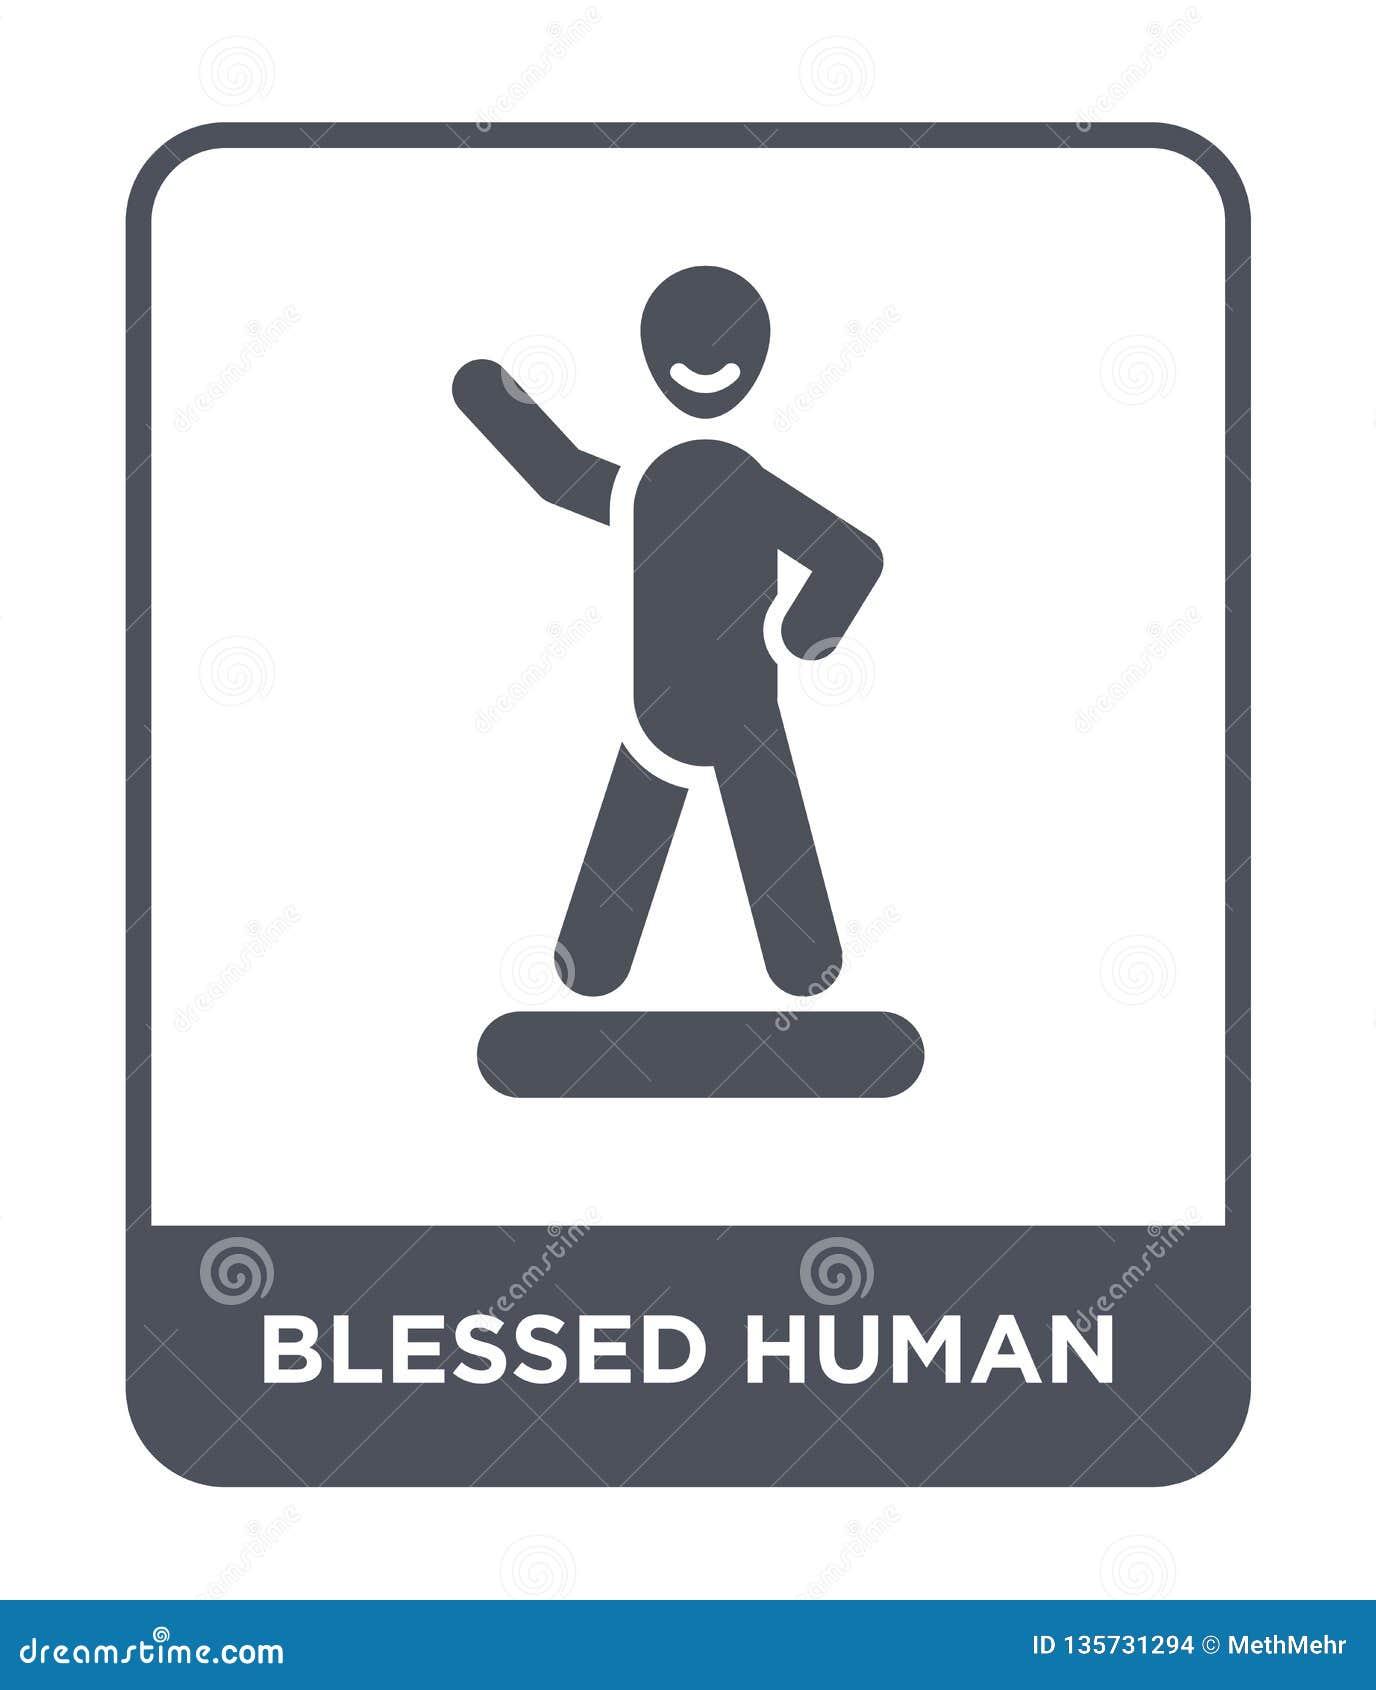 Icono humano bendecido en estilo de moda del diseño icono humano bendecido aislado en el fondo blanco icono humano bendecido del